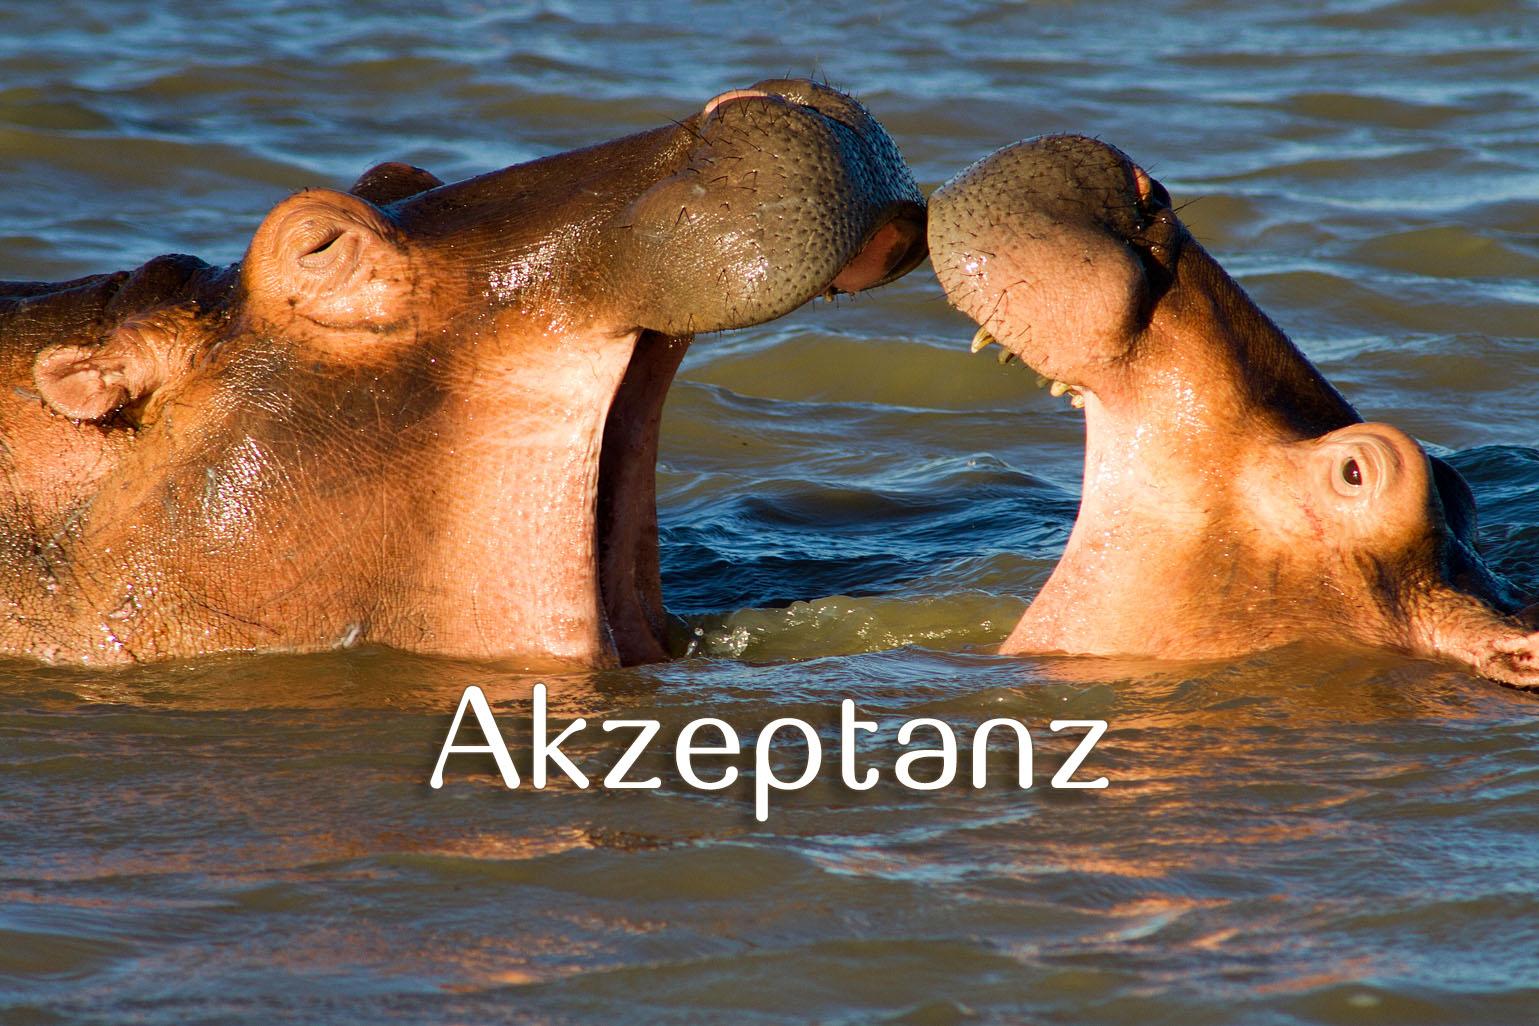 Akzeptanz_SouthAfrica_5695_Beitragsbild